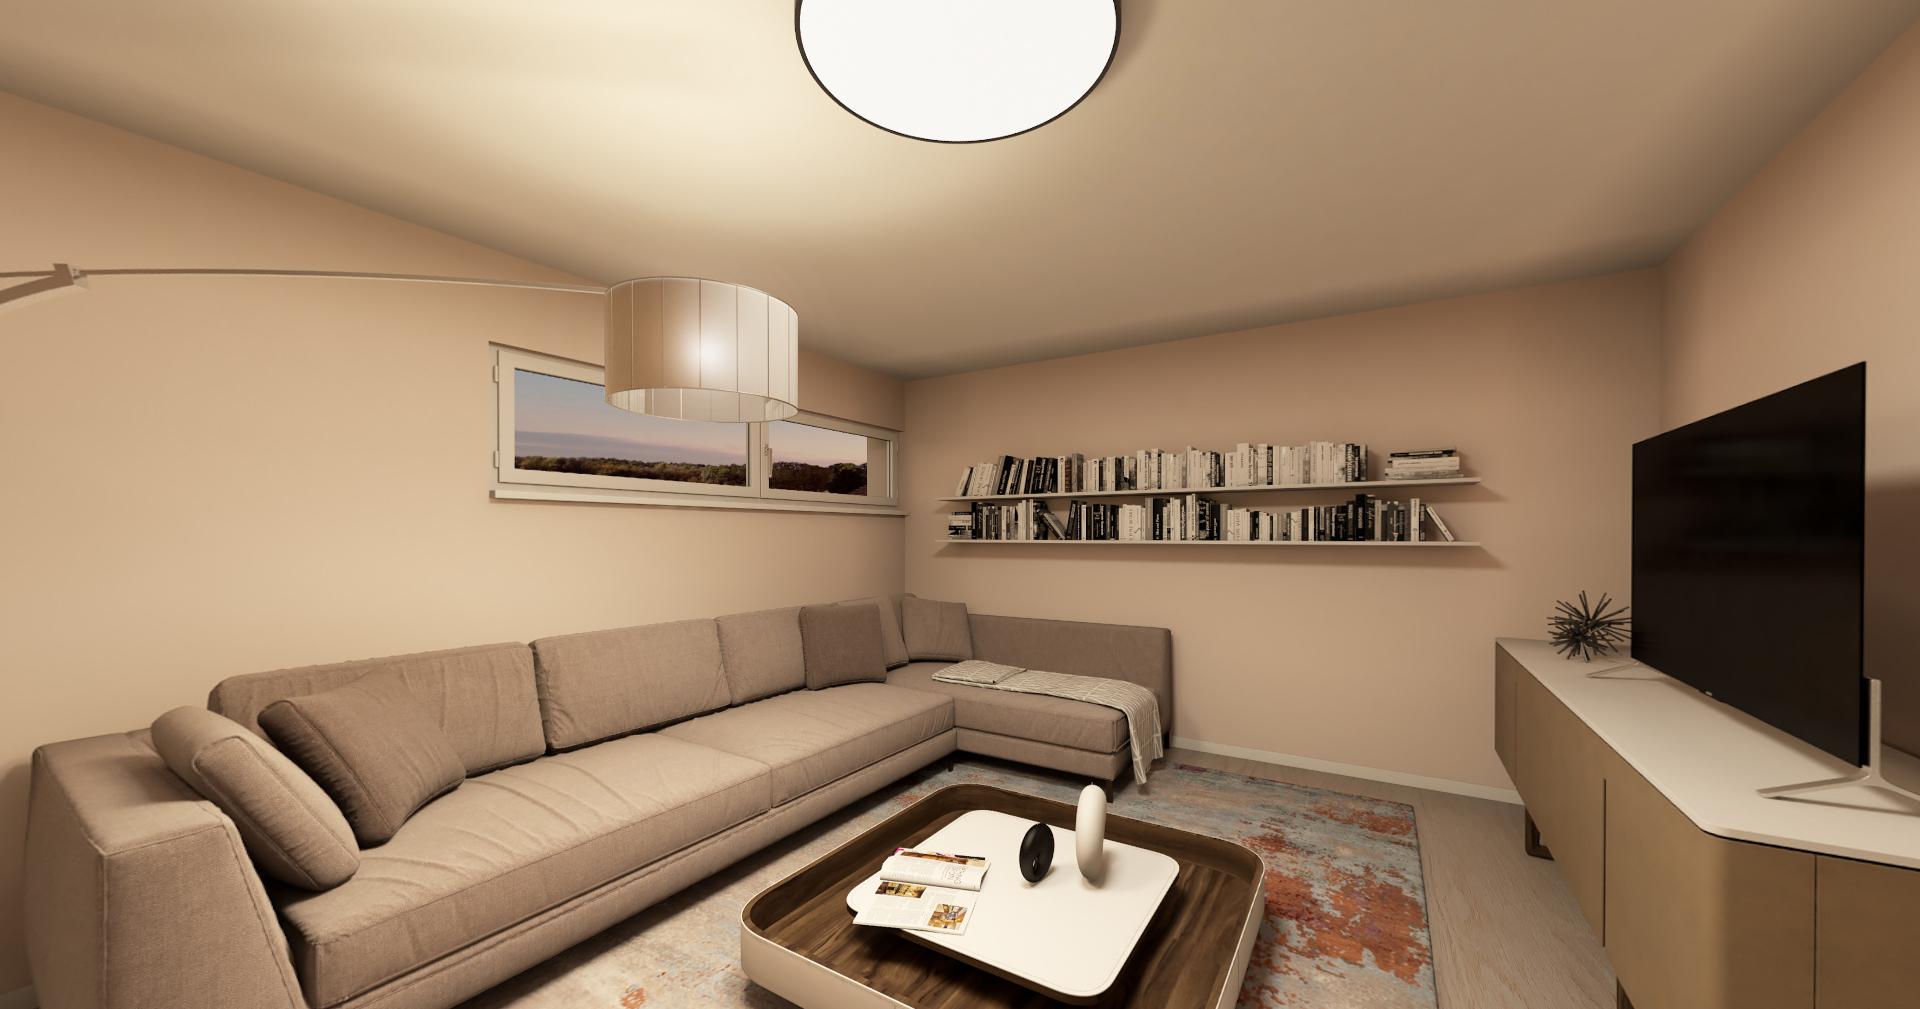 westfield_mehrfamilienhaus_haerkingen_wohnzimmer_4.5_zimmer_wohnung_1.jpg